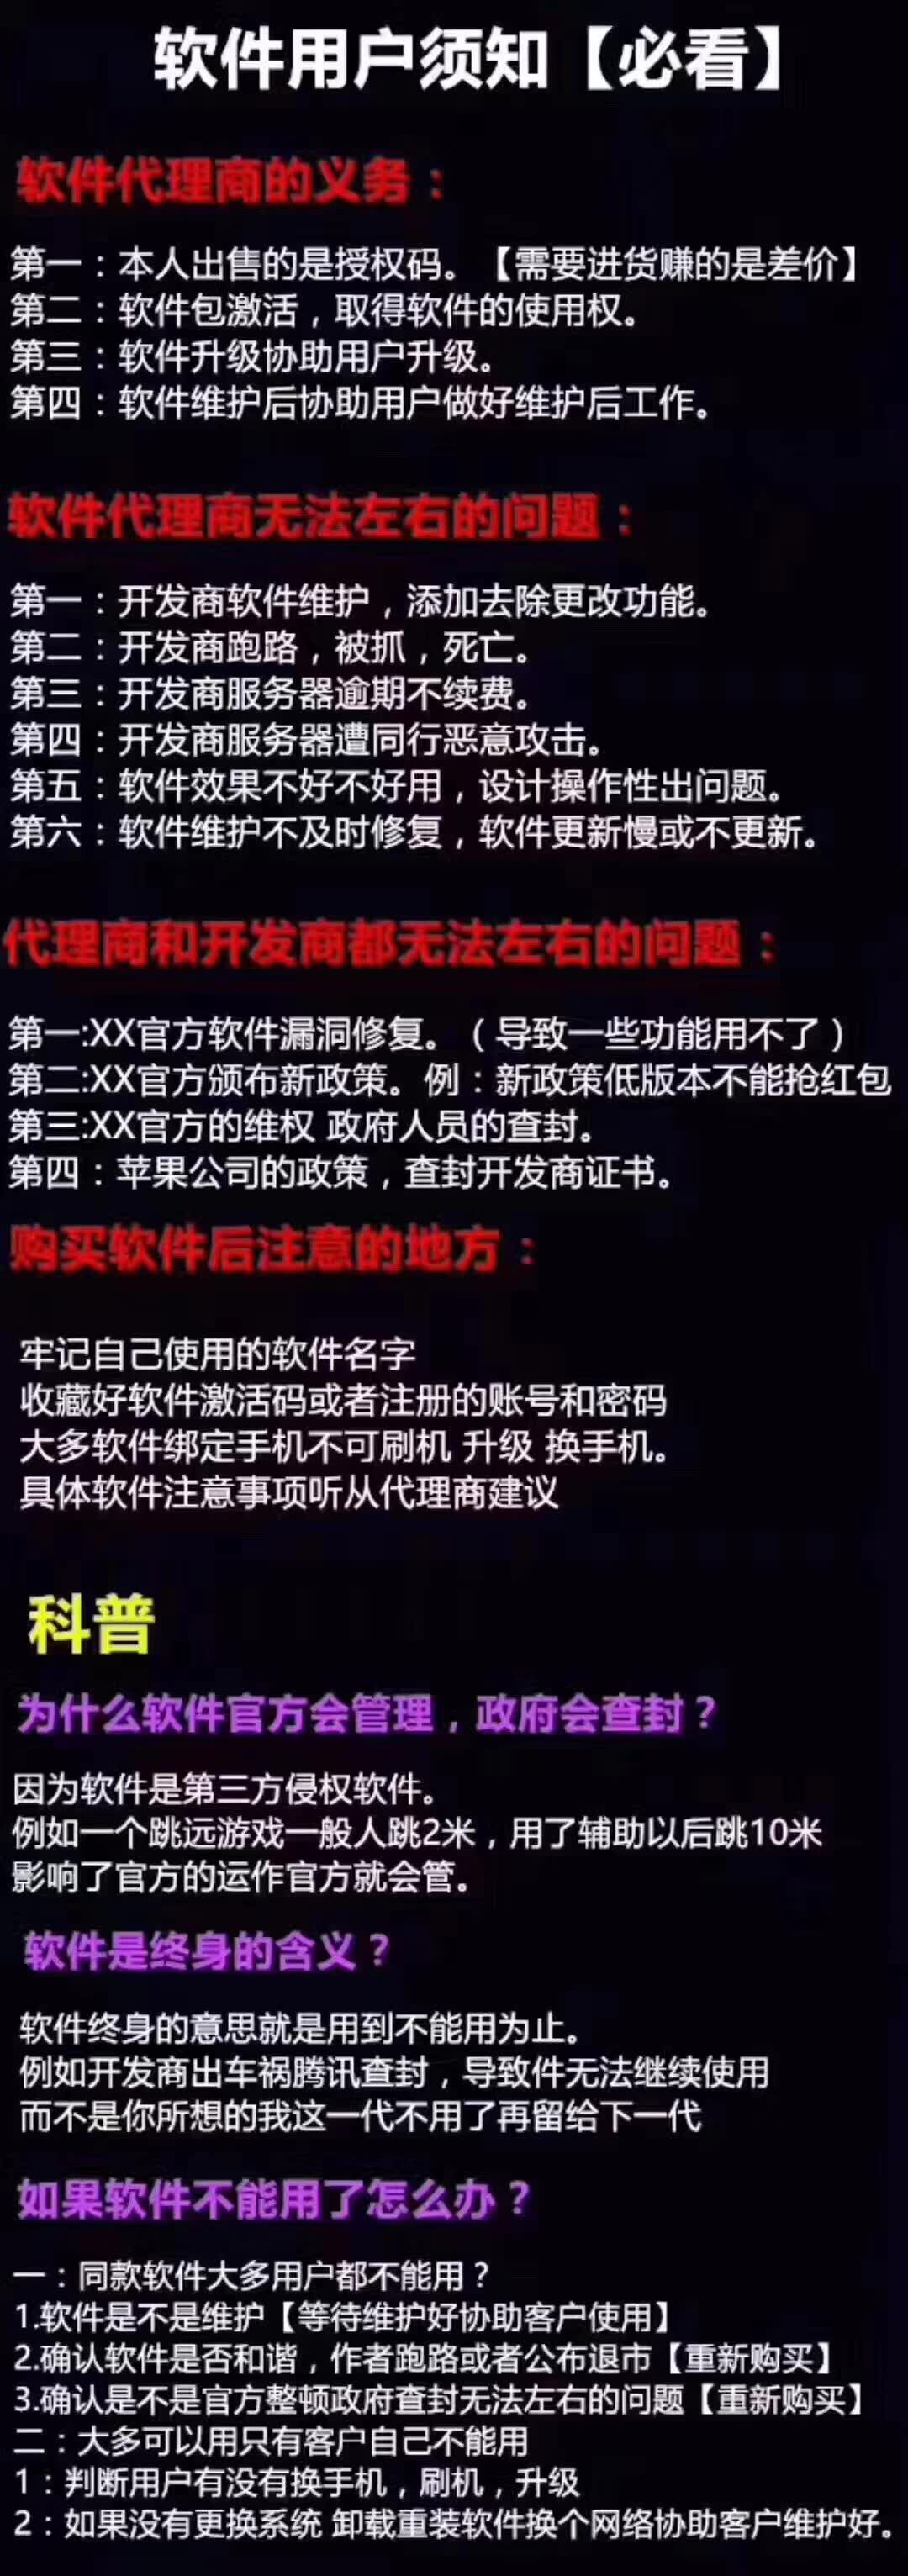 QQ图片20210702144741